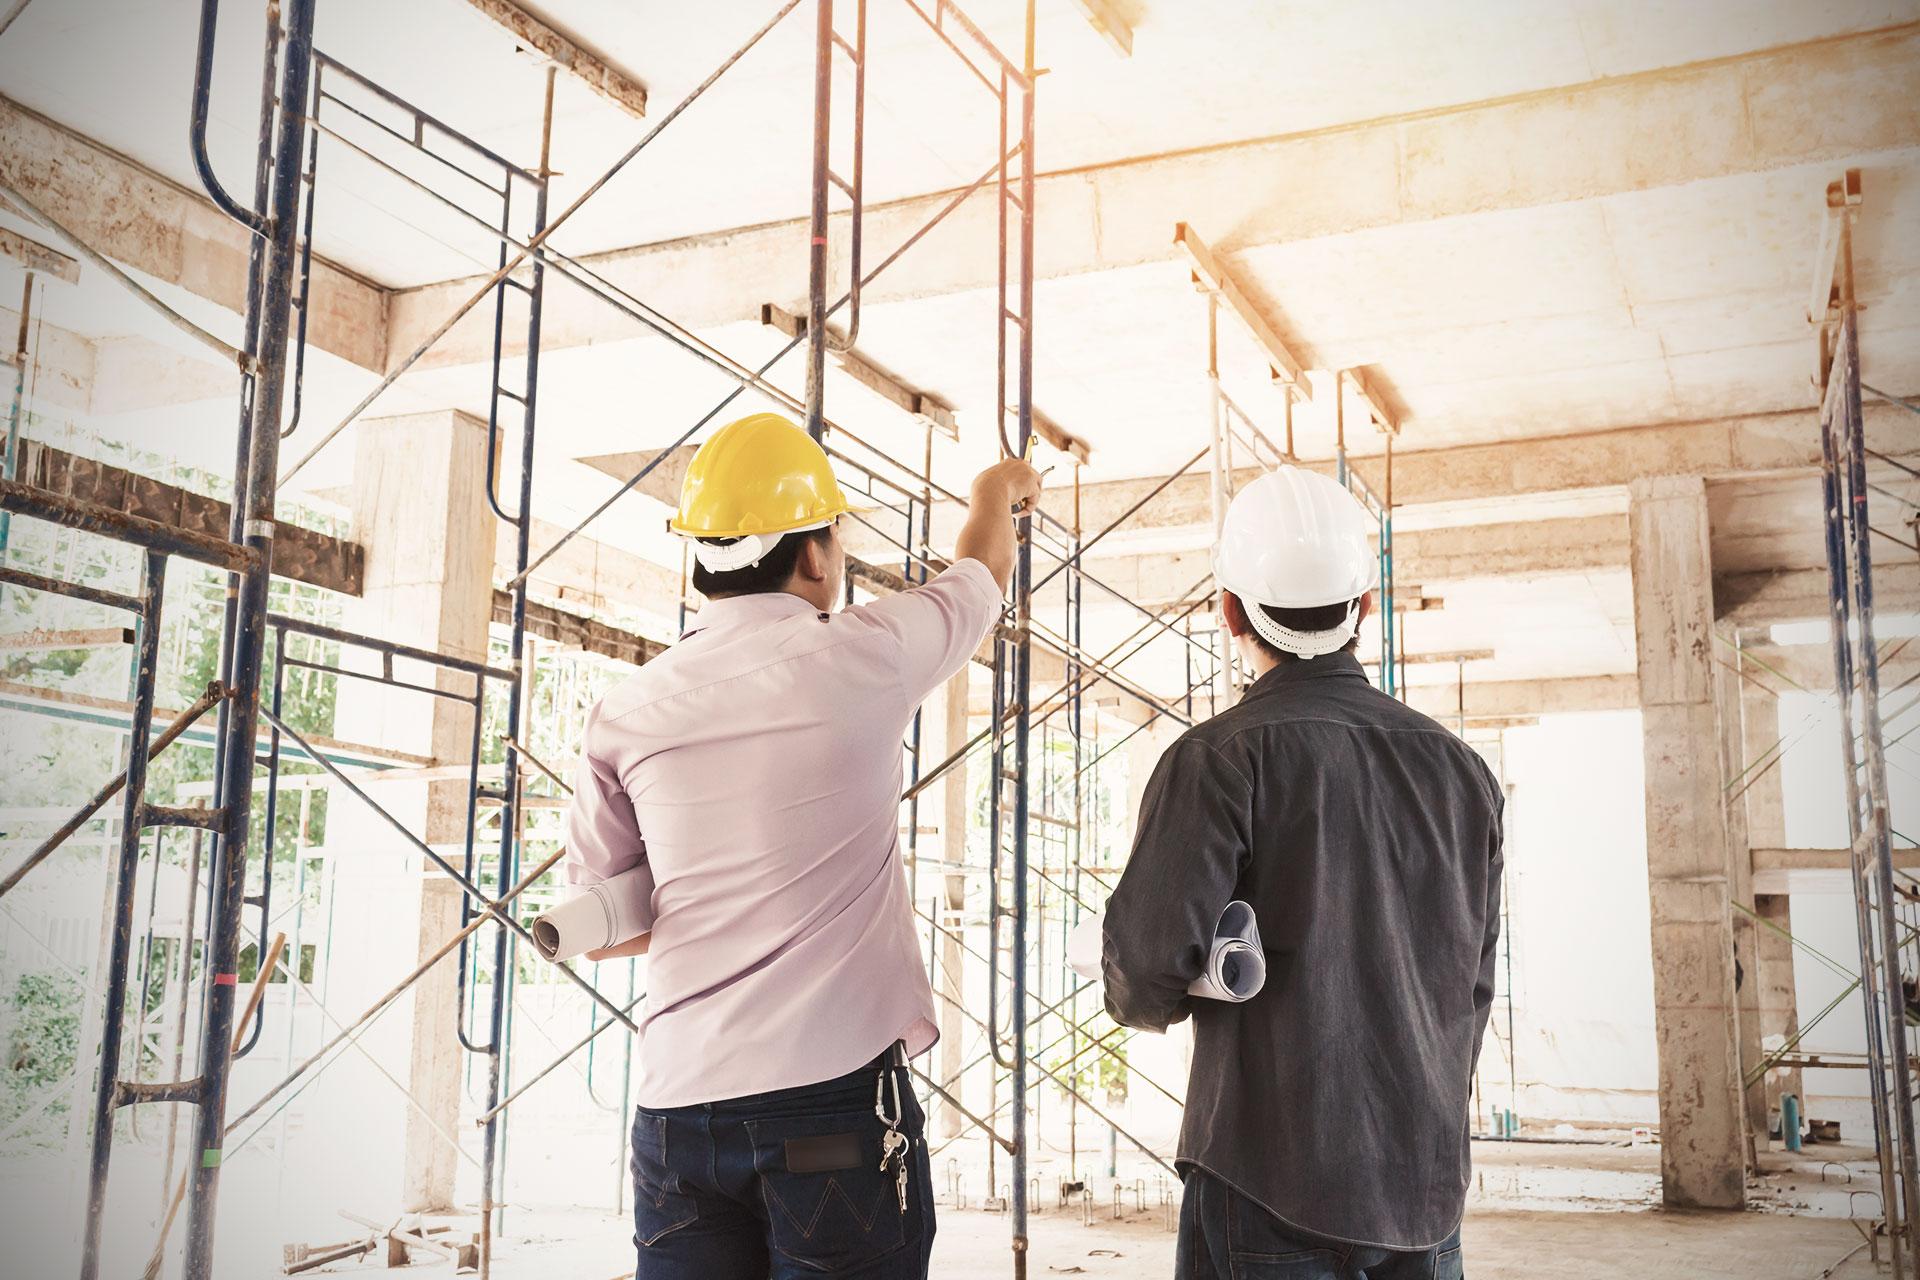 Decreto Crescita valorizzazione edilizia